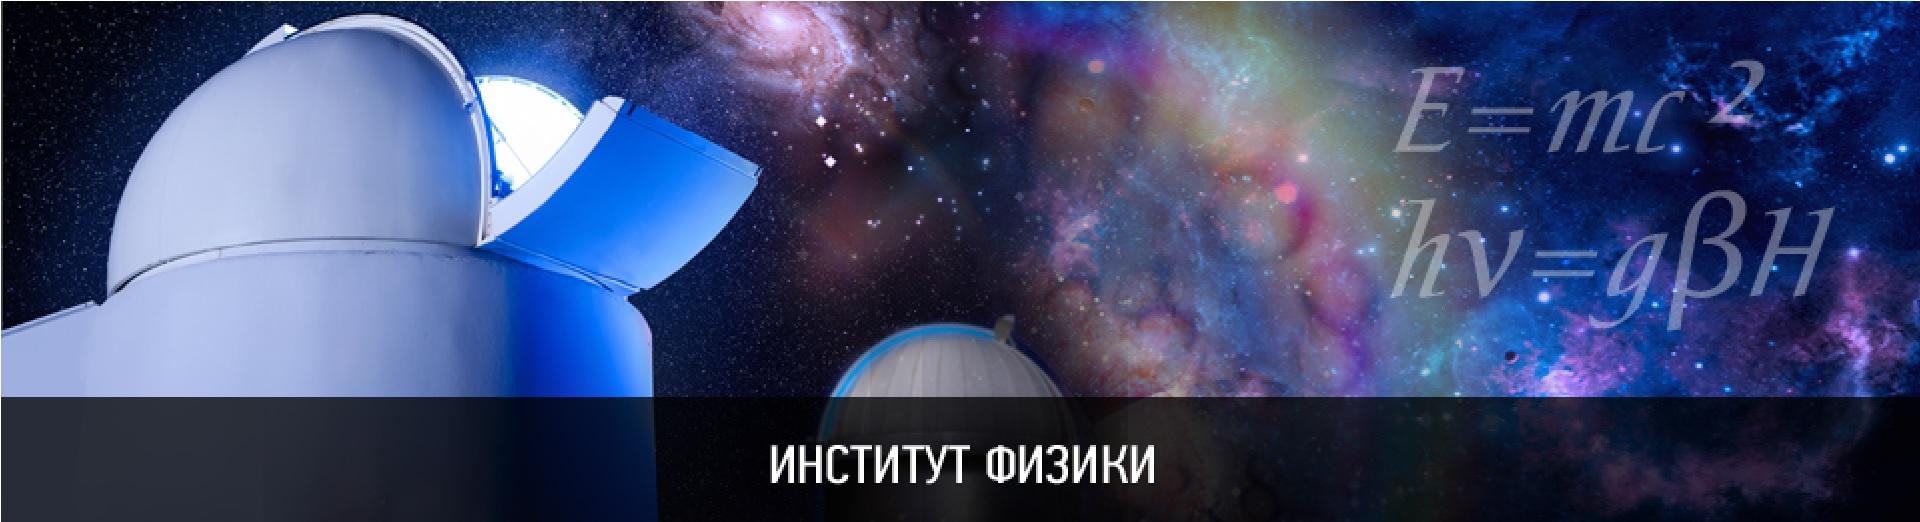 Портал КФУ \ Образование \ Институт физики \ Учебный процесс \ Практика \ Реестр договоров